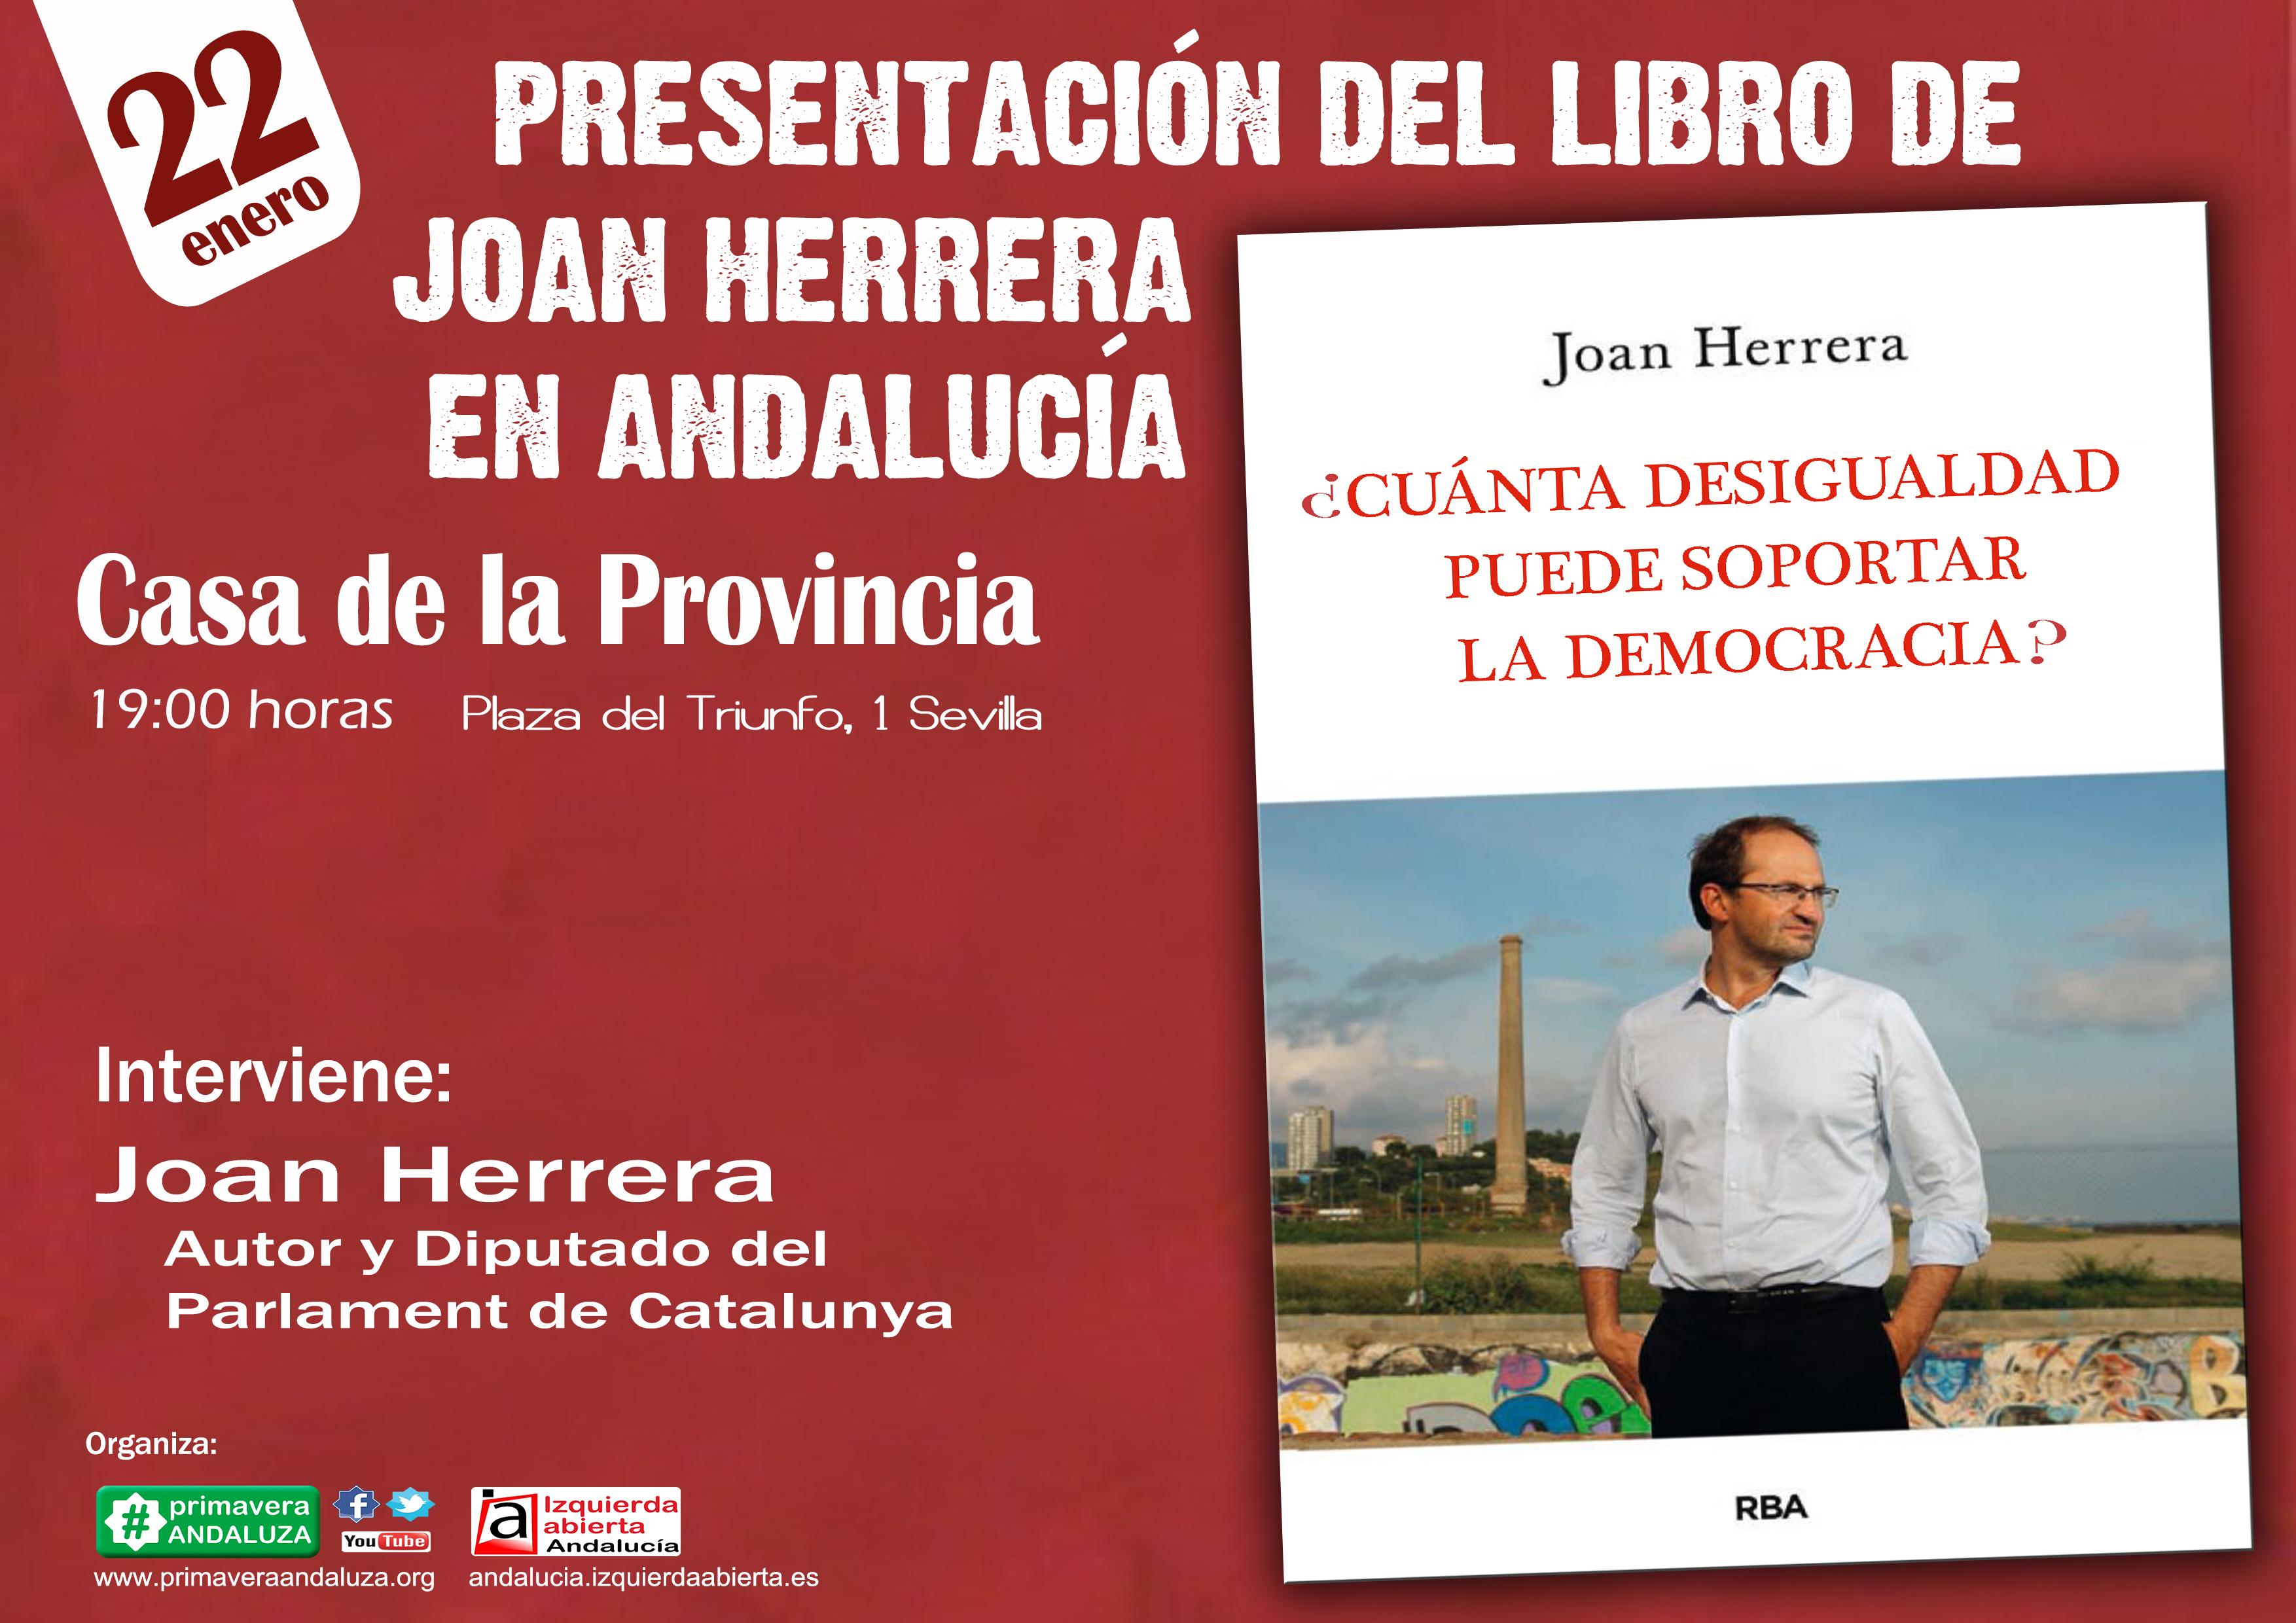 Cartel_Presentación_Libro_Joan_Herrera_para_redes_sociales_02